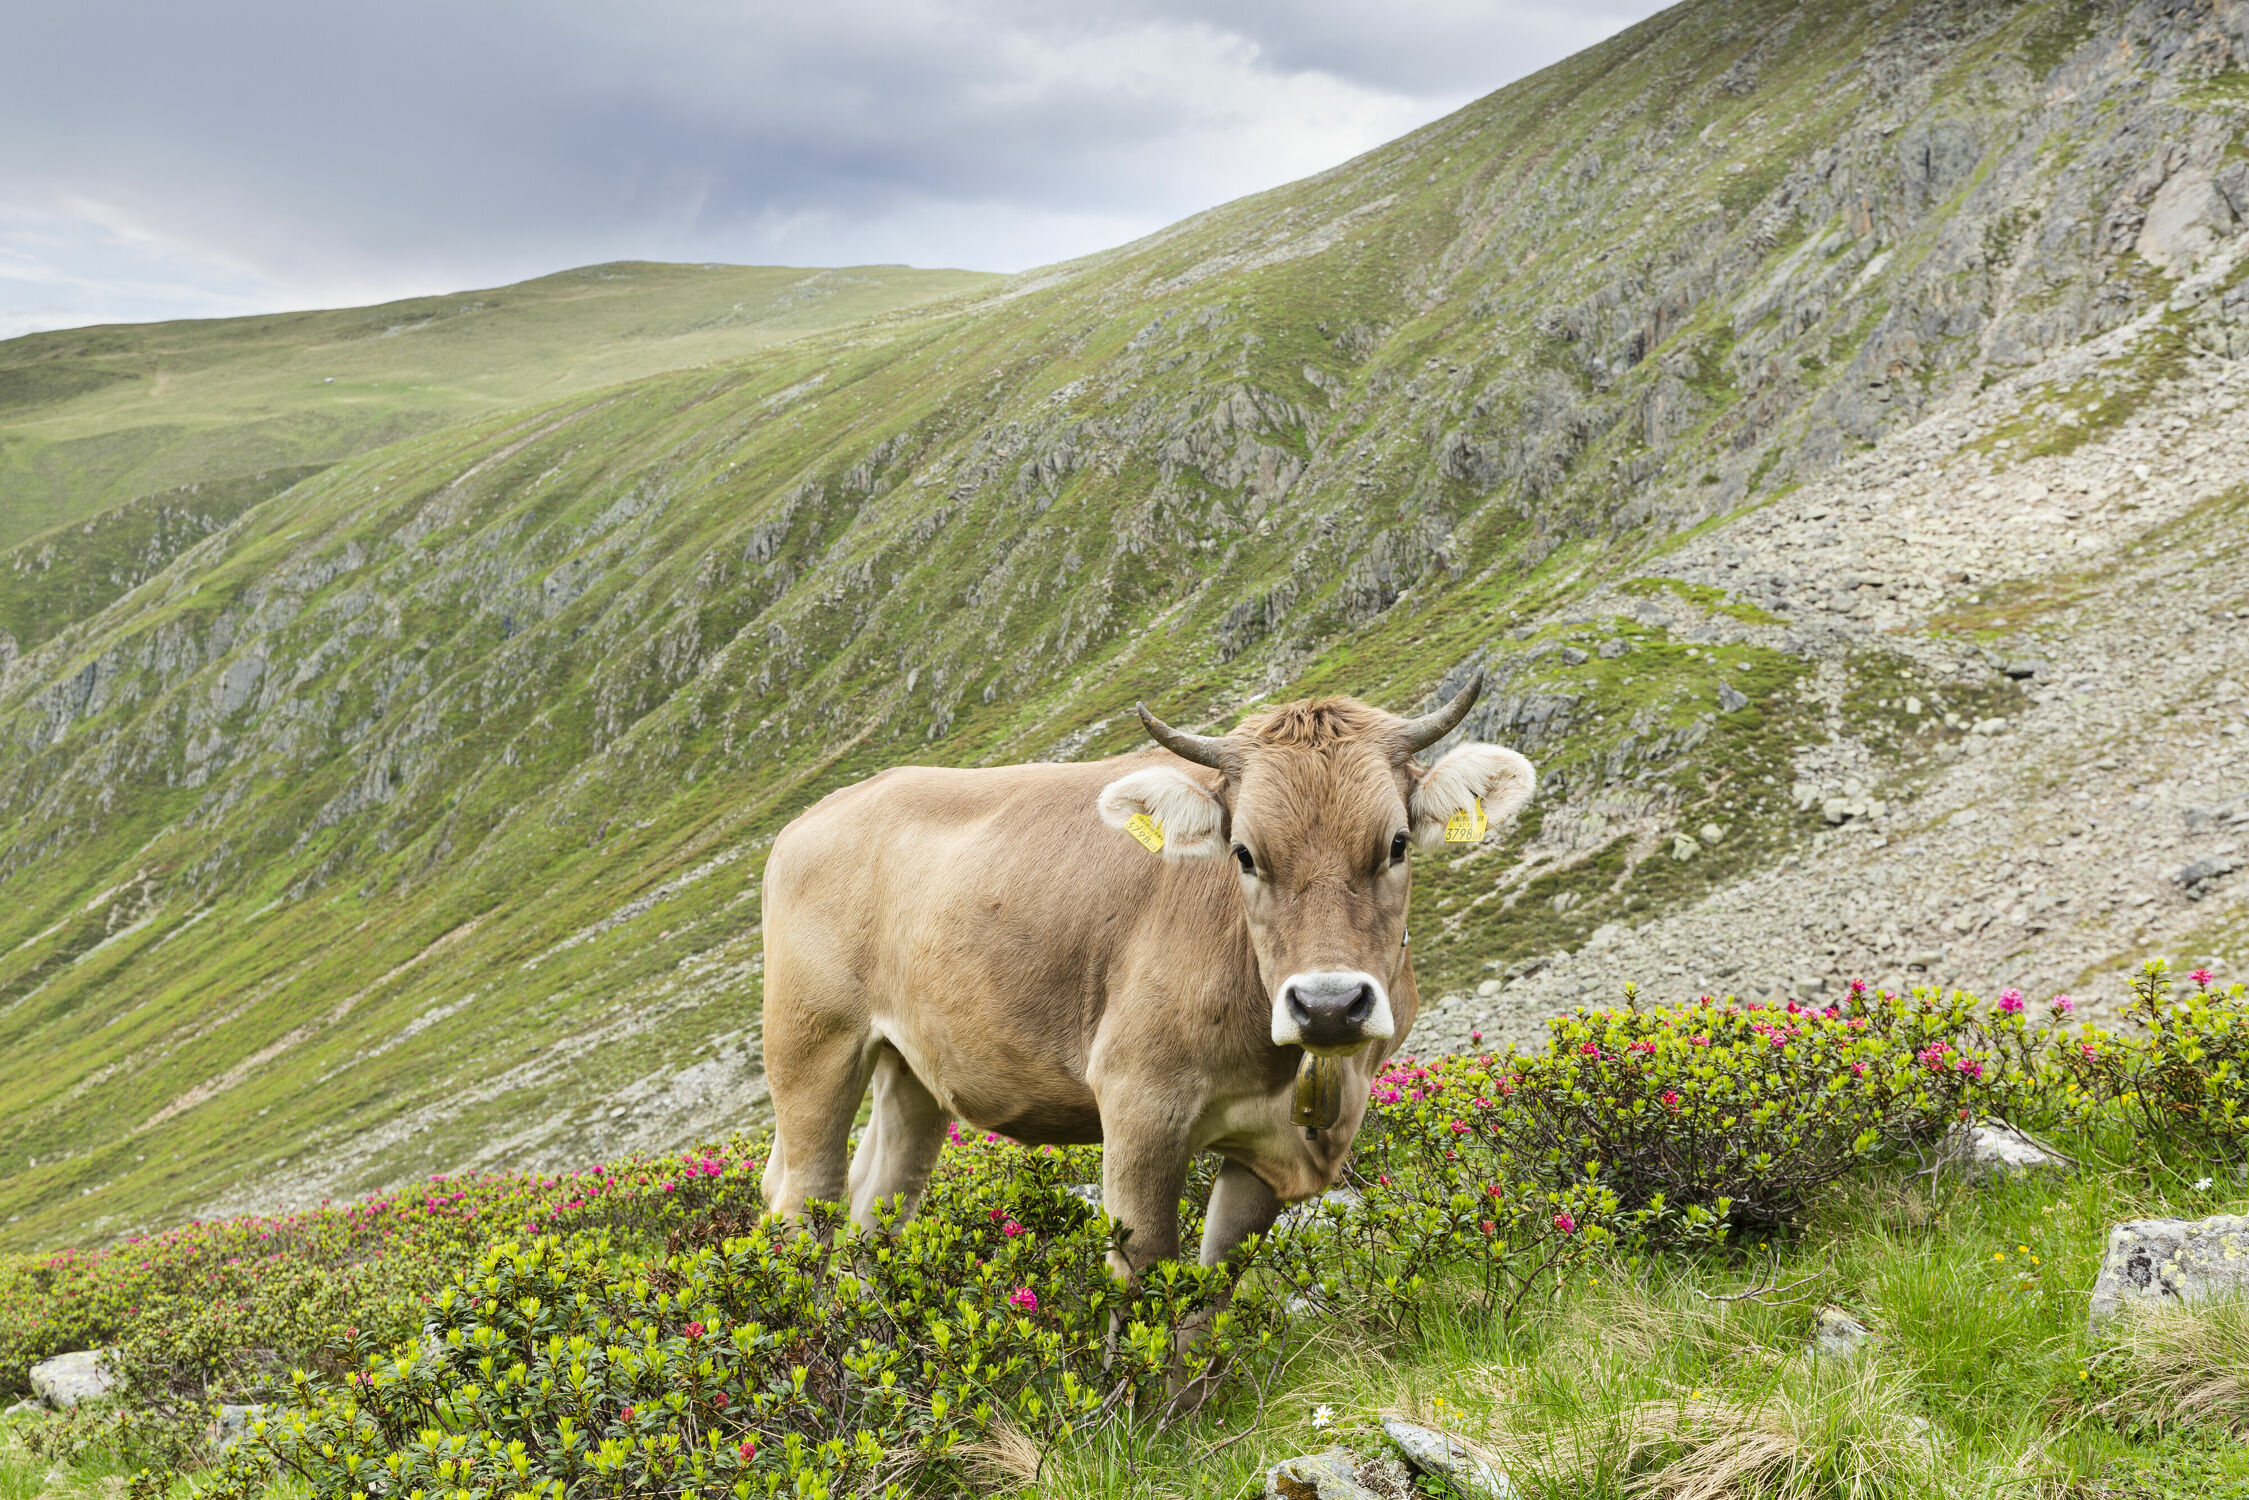 Bild mit Natur, Berge, Wälder, Kühe, Alpen, Alpenland, Wiese, Kuh, alpenwiese, Alpenrose